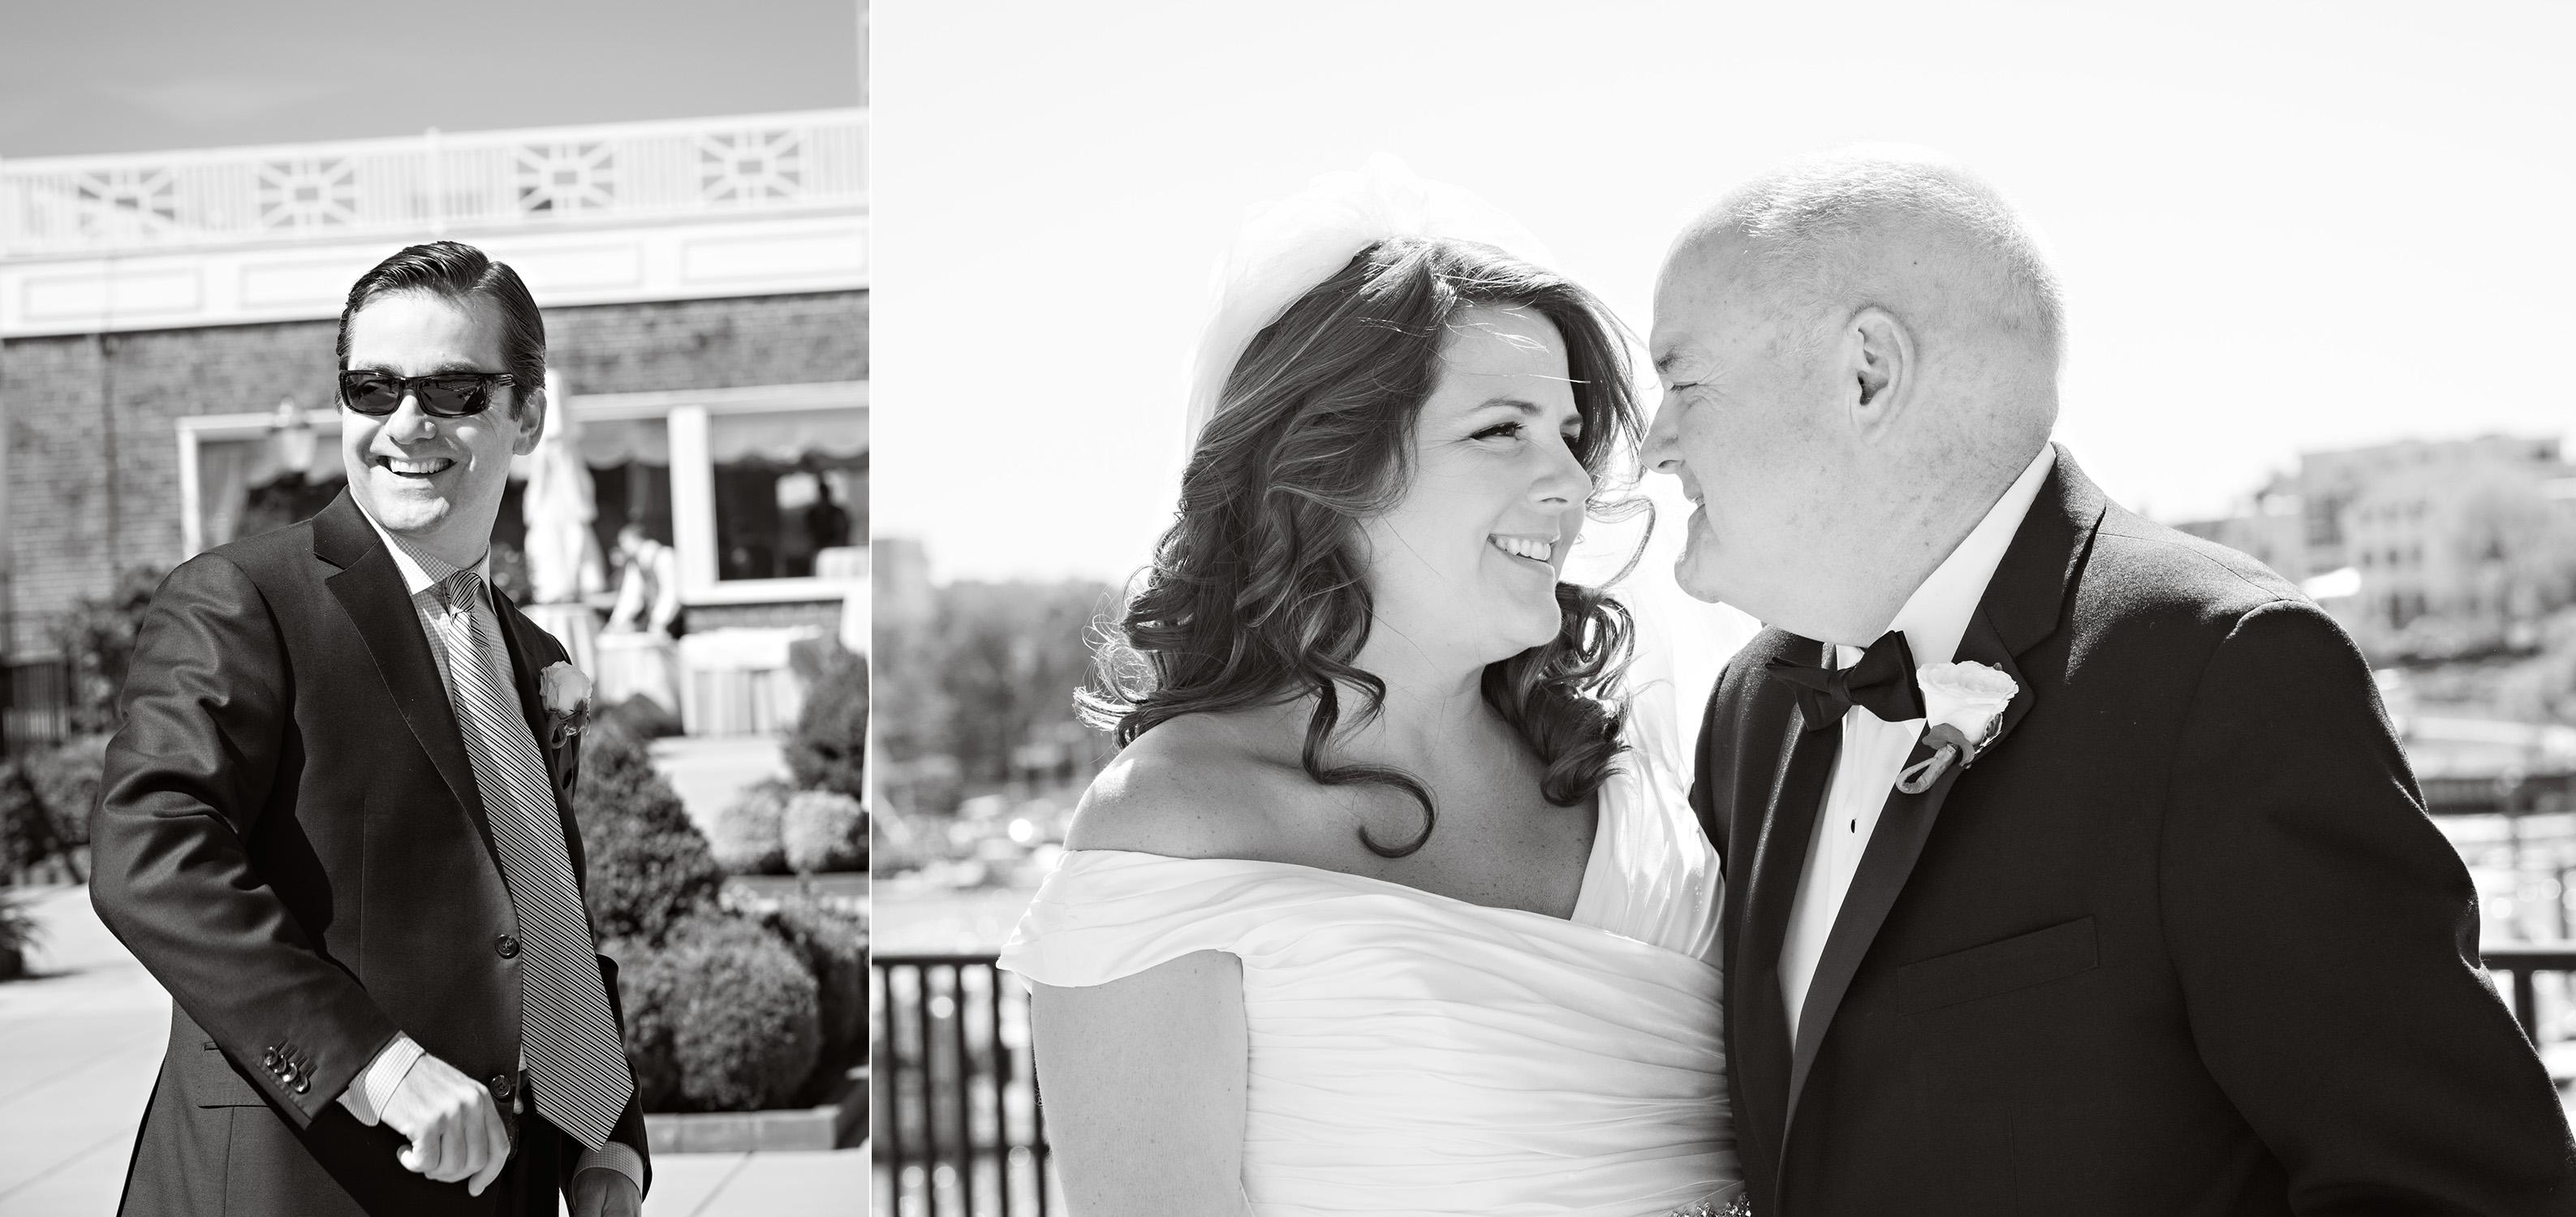 20-Sara Stadtmiller-SRS-Photography-Asbury-Park-Wedding-Photographer-Monmouth-County-Wedding-Photographer-NJ-Wedding-Photographer-Molly-Pitcher-Inn-Wedding